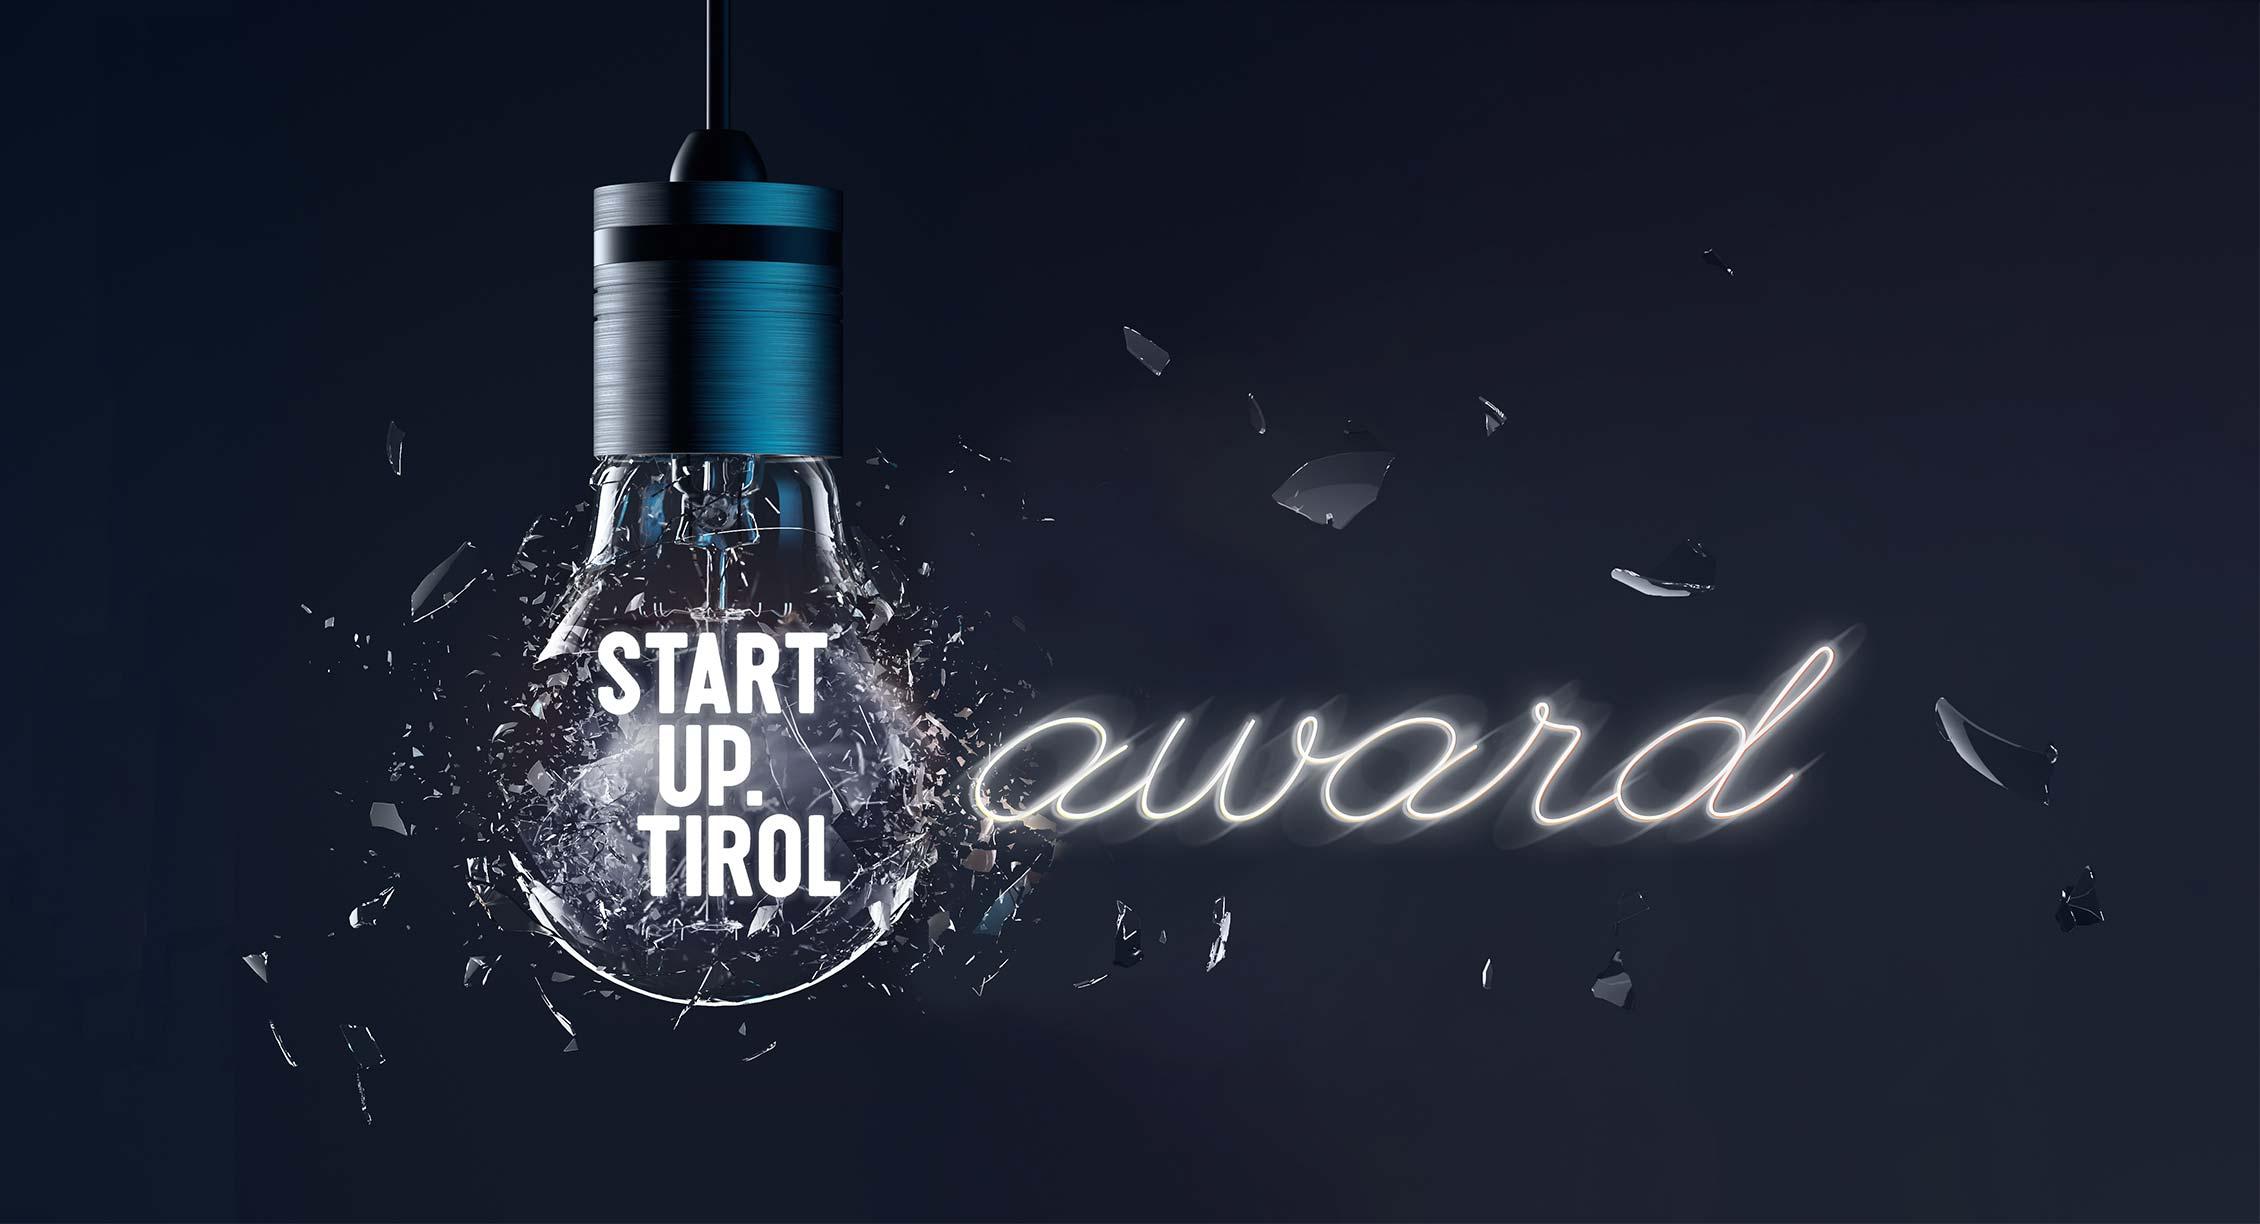 startup-tirol-award_heroimage-2260x1224px